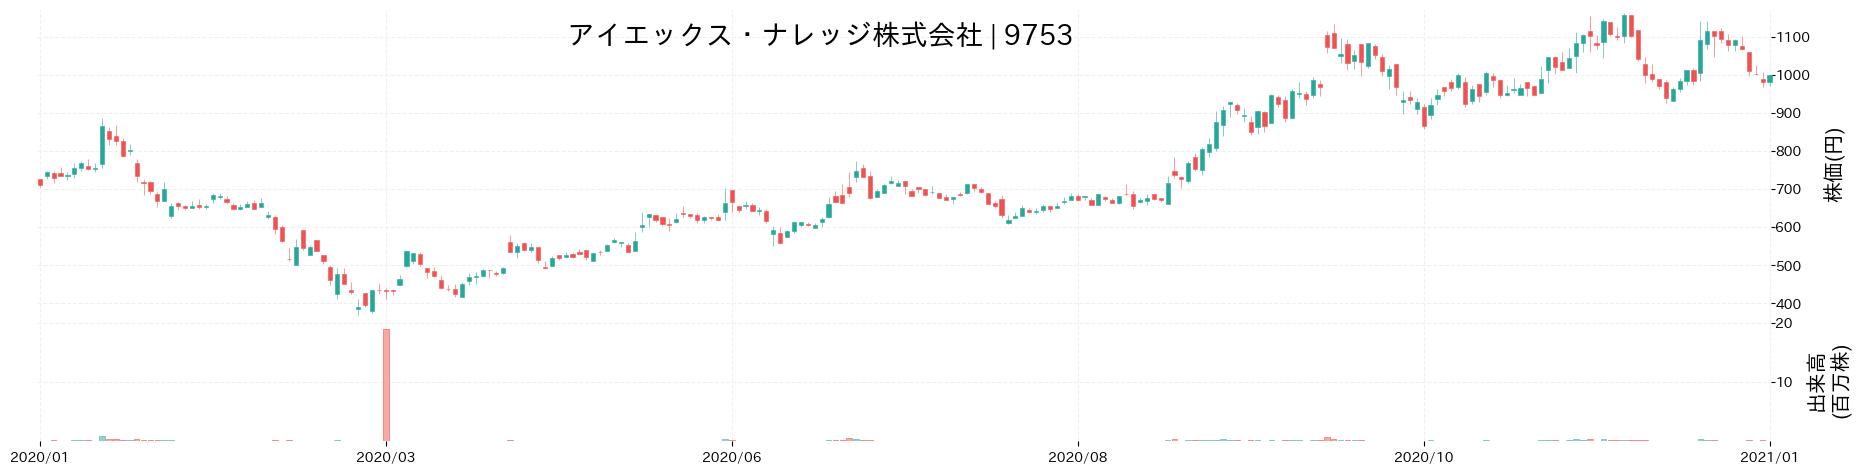 アイエックス・ナレッジ株式会社の株価推移(2020)